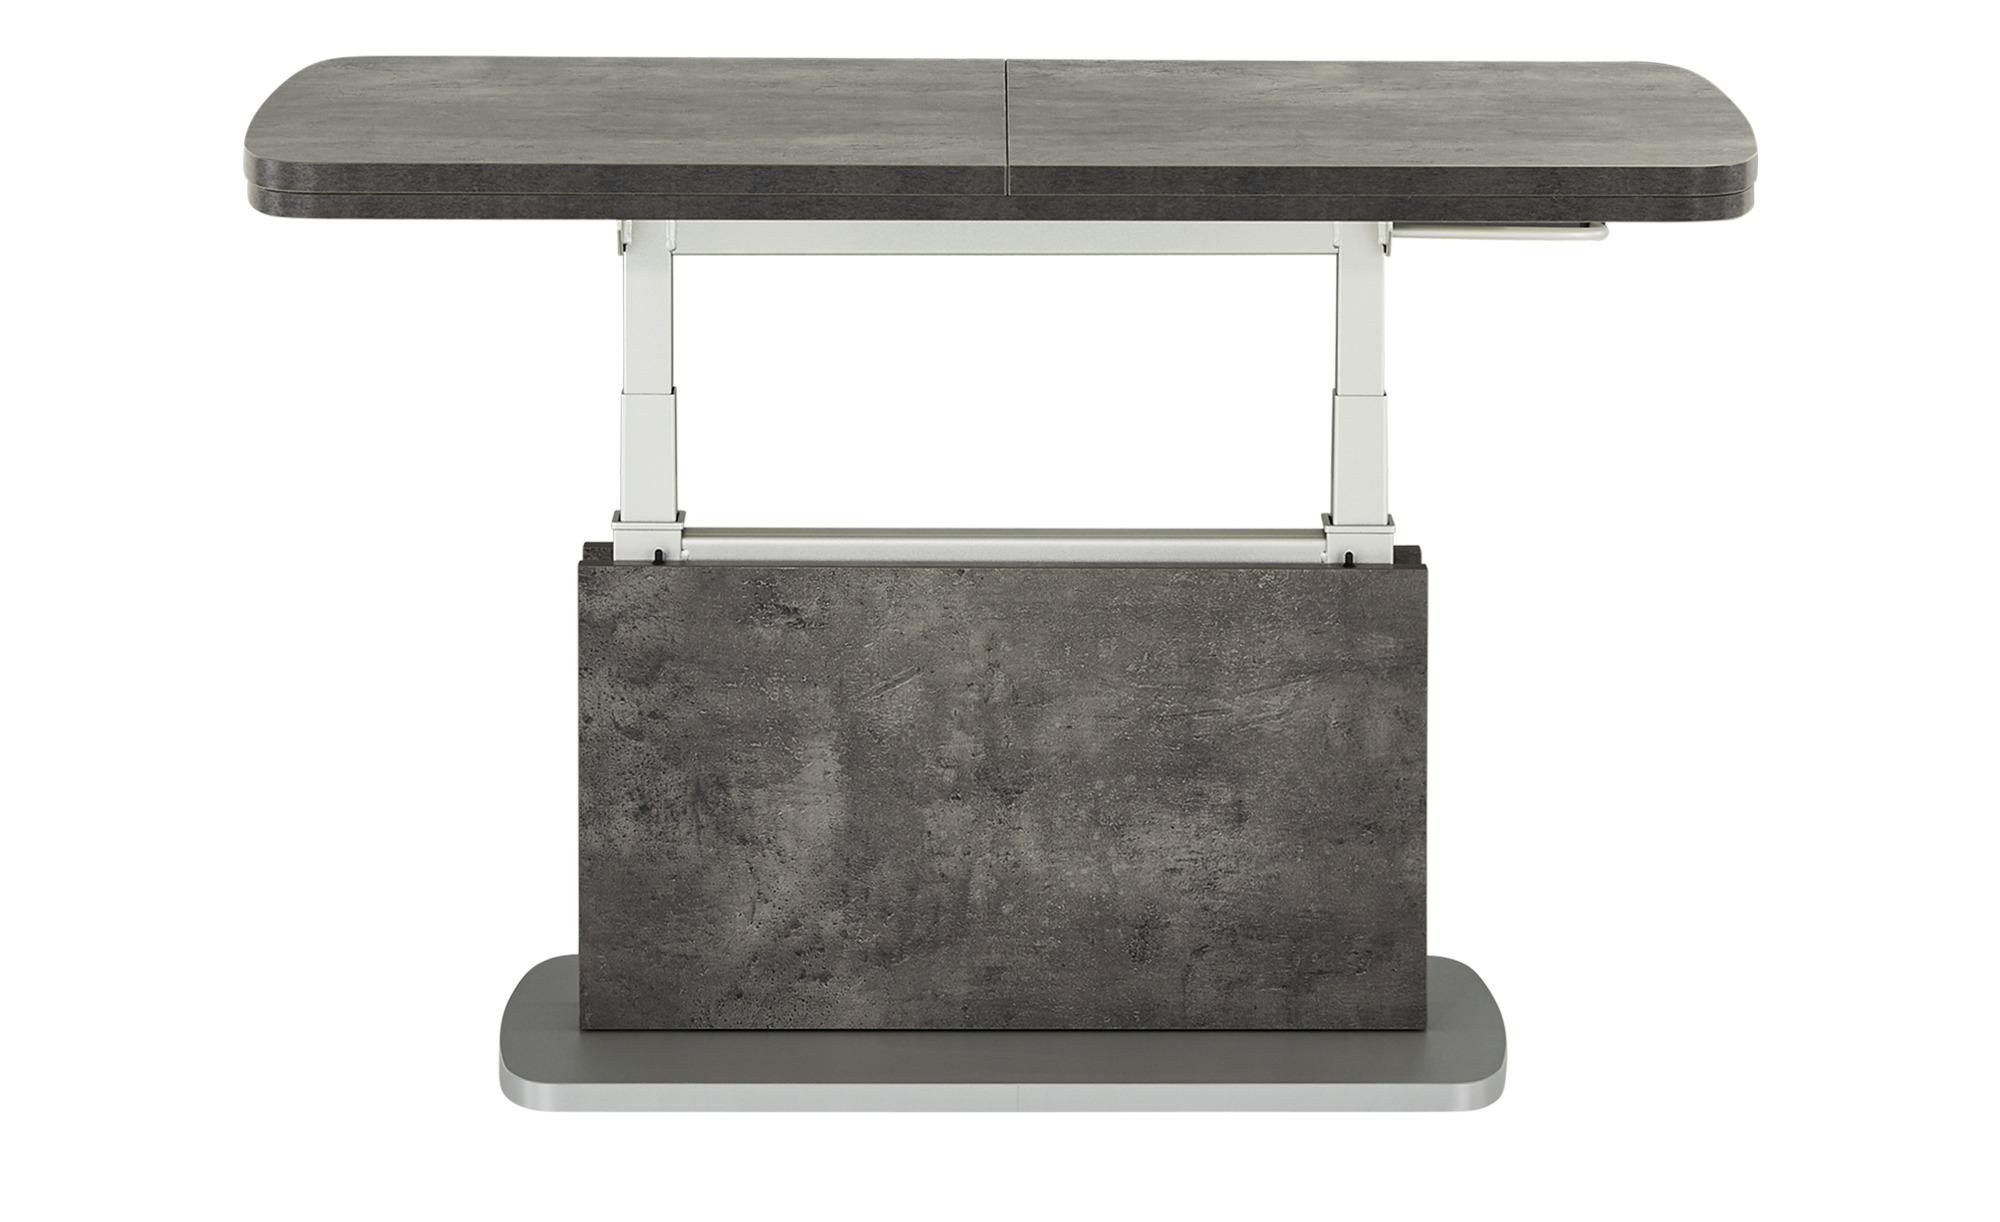 Couchtisch  Kingston ¦ Maße (cm): B: 63 H: 53 T: 63 Tische > Couchtische > Couchtische höhenverstellbar - Höffner